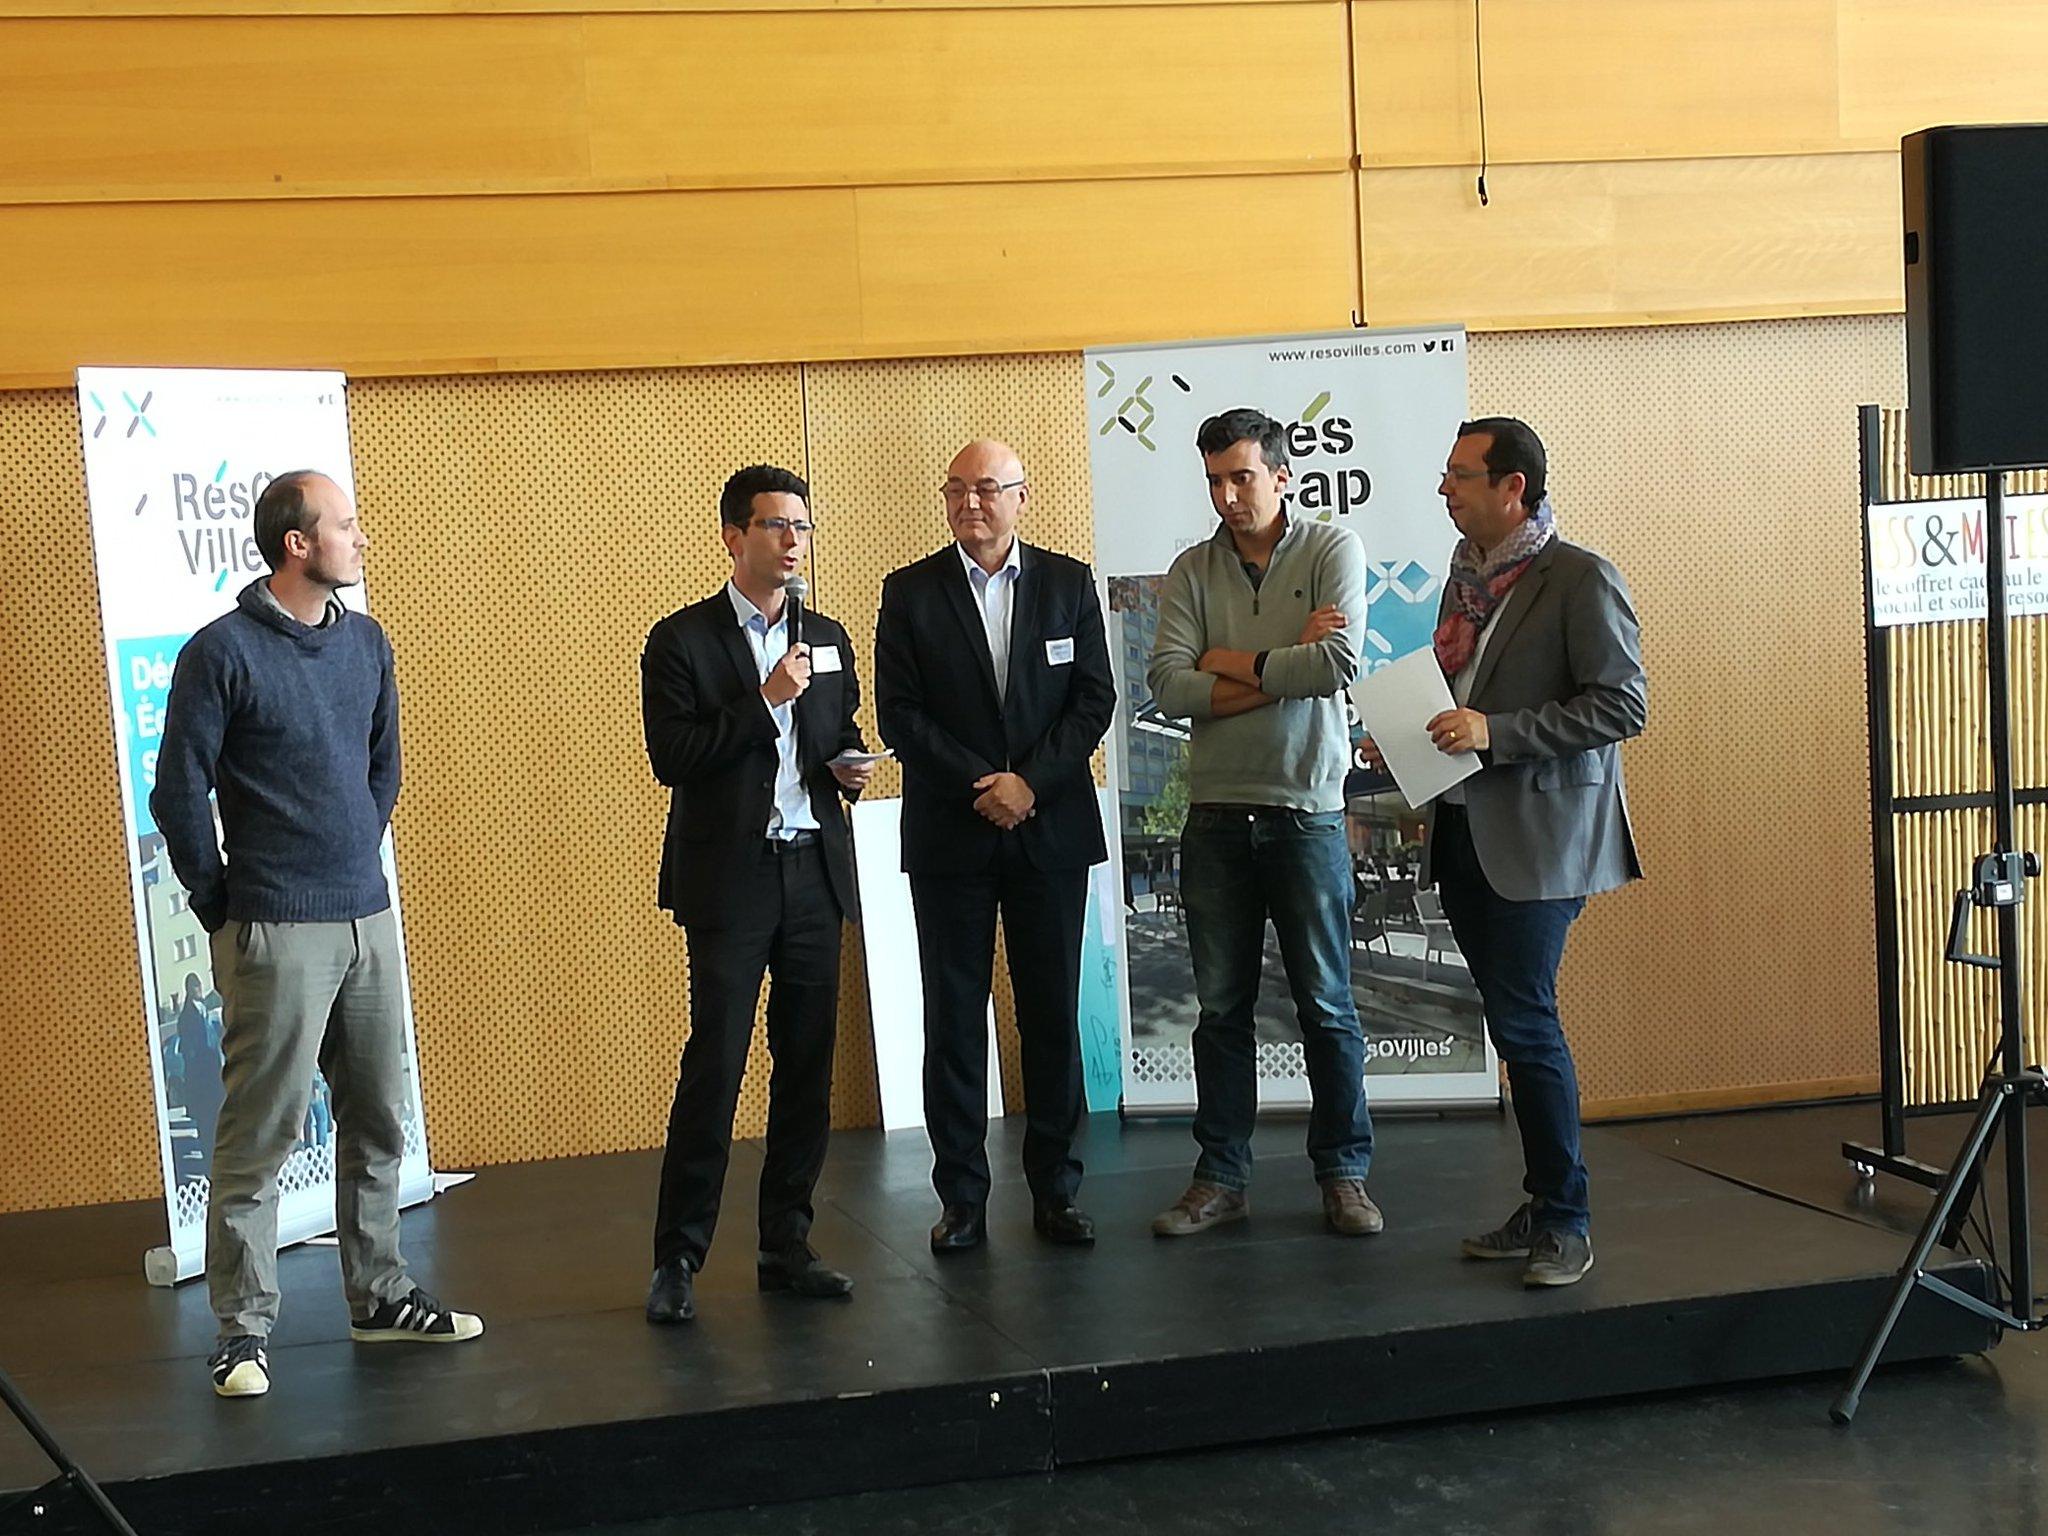 Notre premiers prix @resovilles #CitesCAP @mabanque_bnpp projet innovant #SaintNazaire #citedescongres https://t.co/vZOVdqrphy